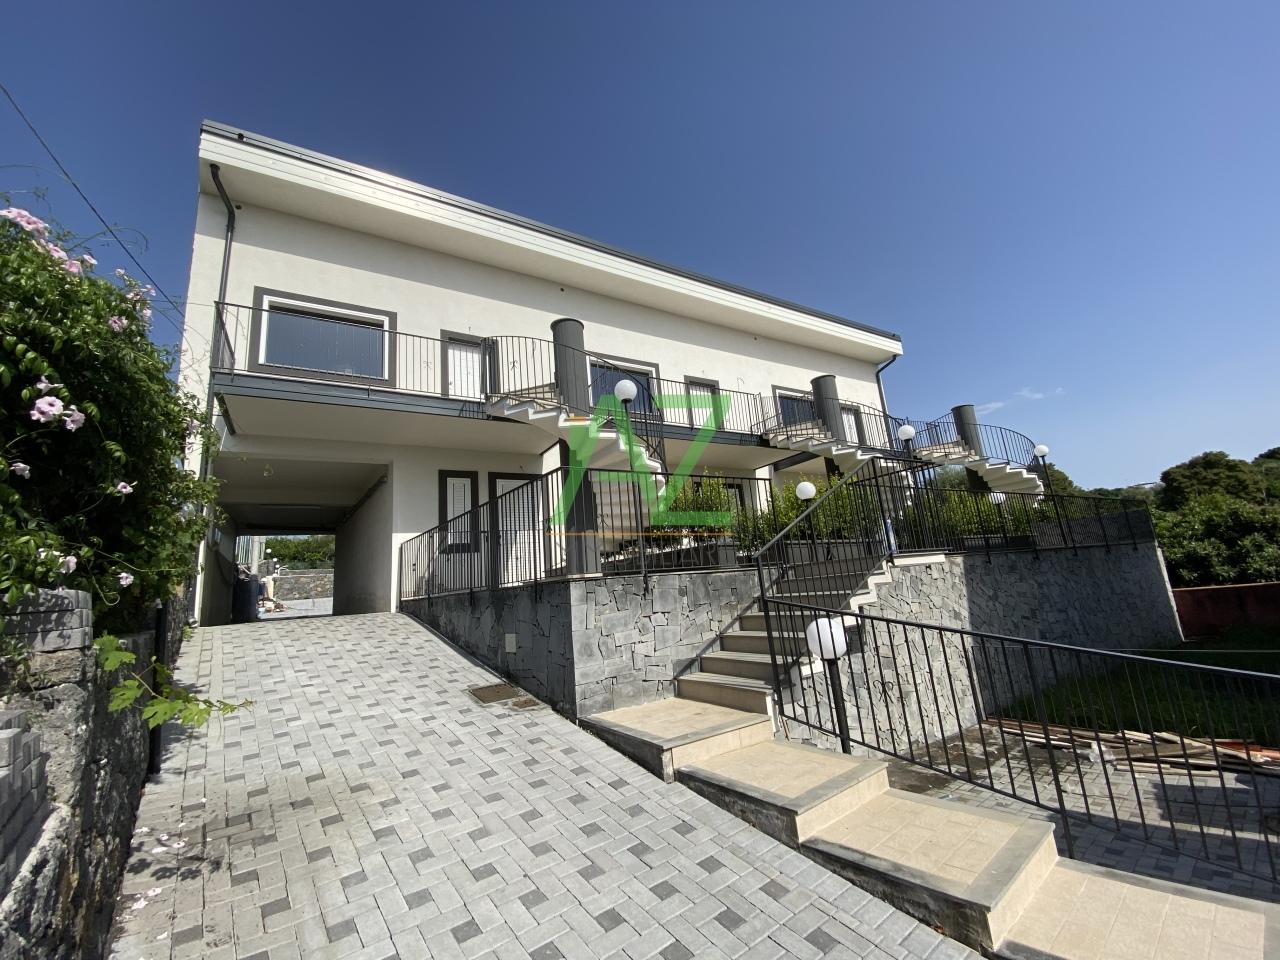 Appartamento in vendita a Acireale, 3 locali, prezzo € 160.000 | PortaleAgenzieImmobiliari.it